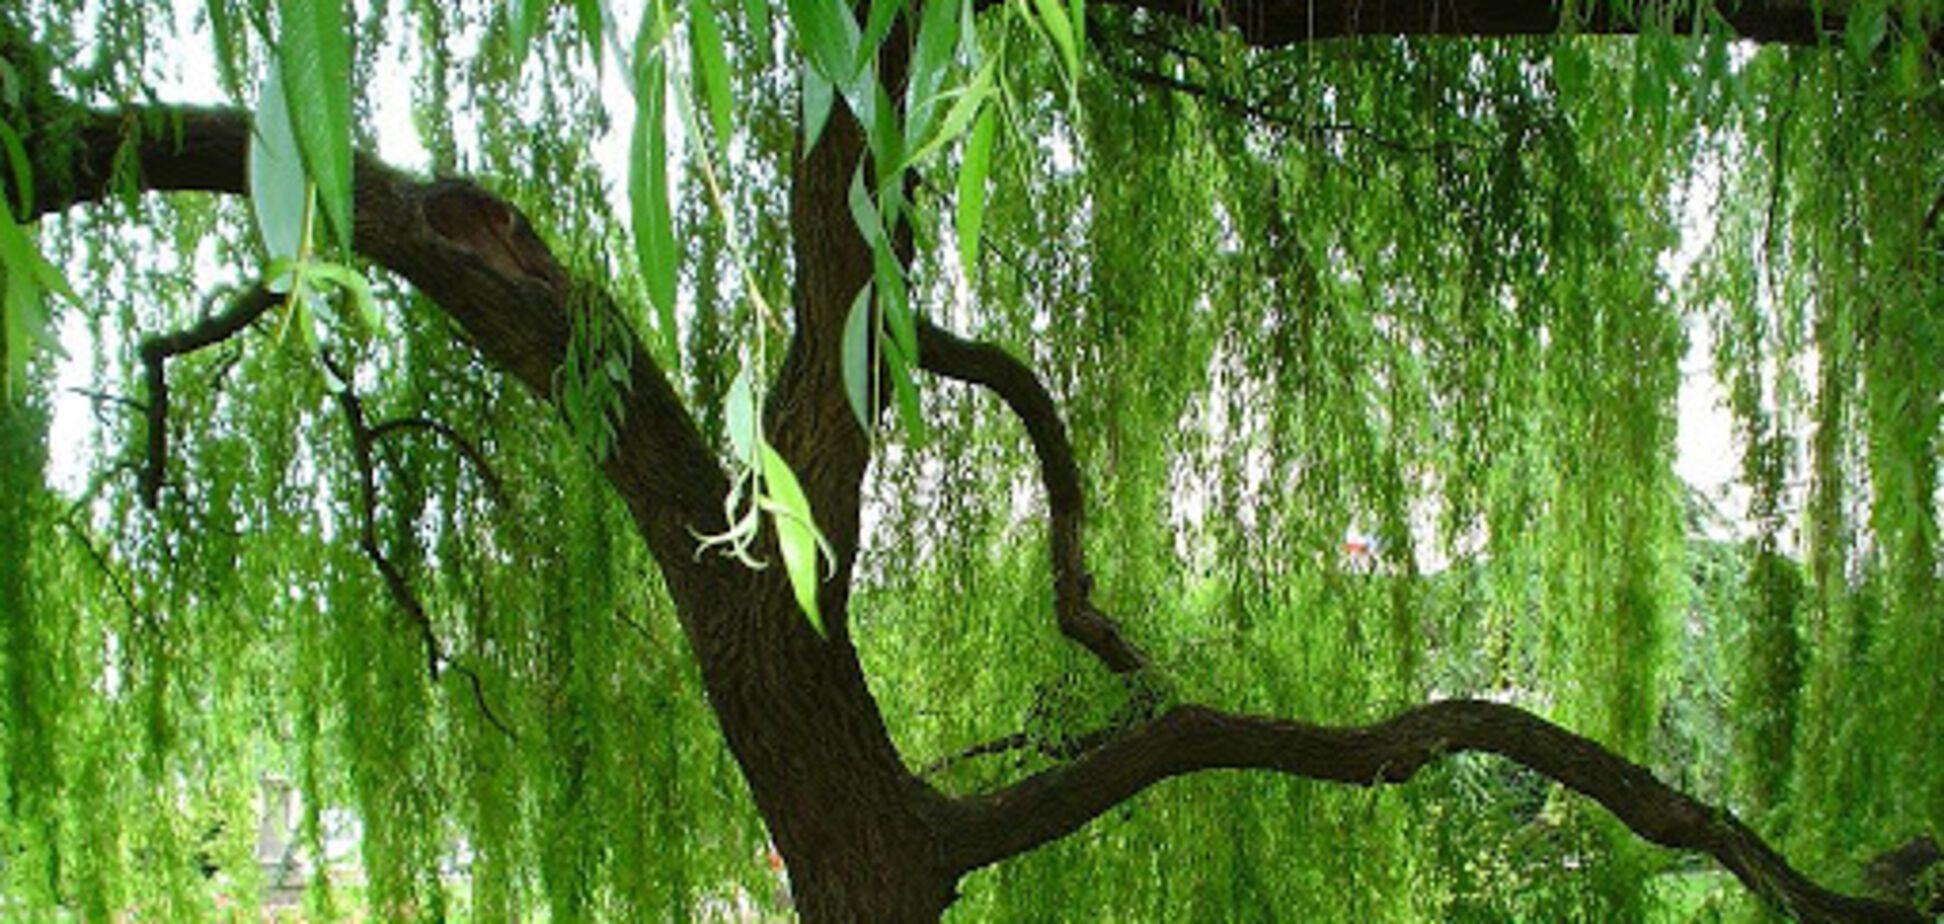 Пыльца деревьев может быть распространителем коронавируса